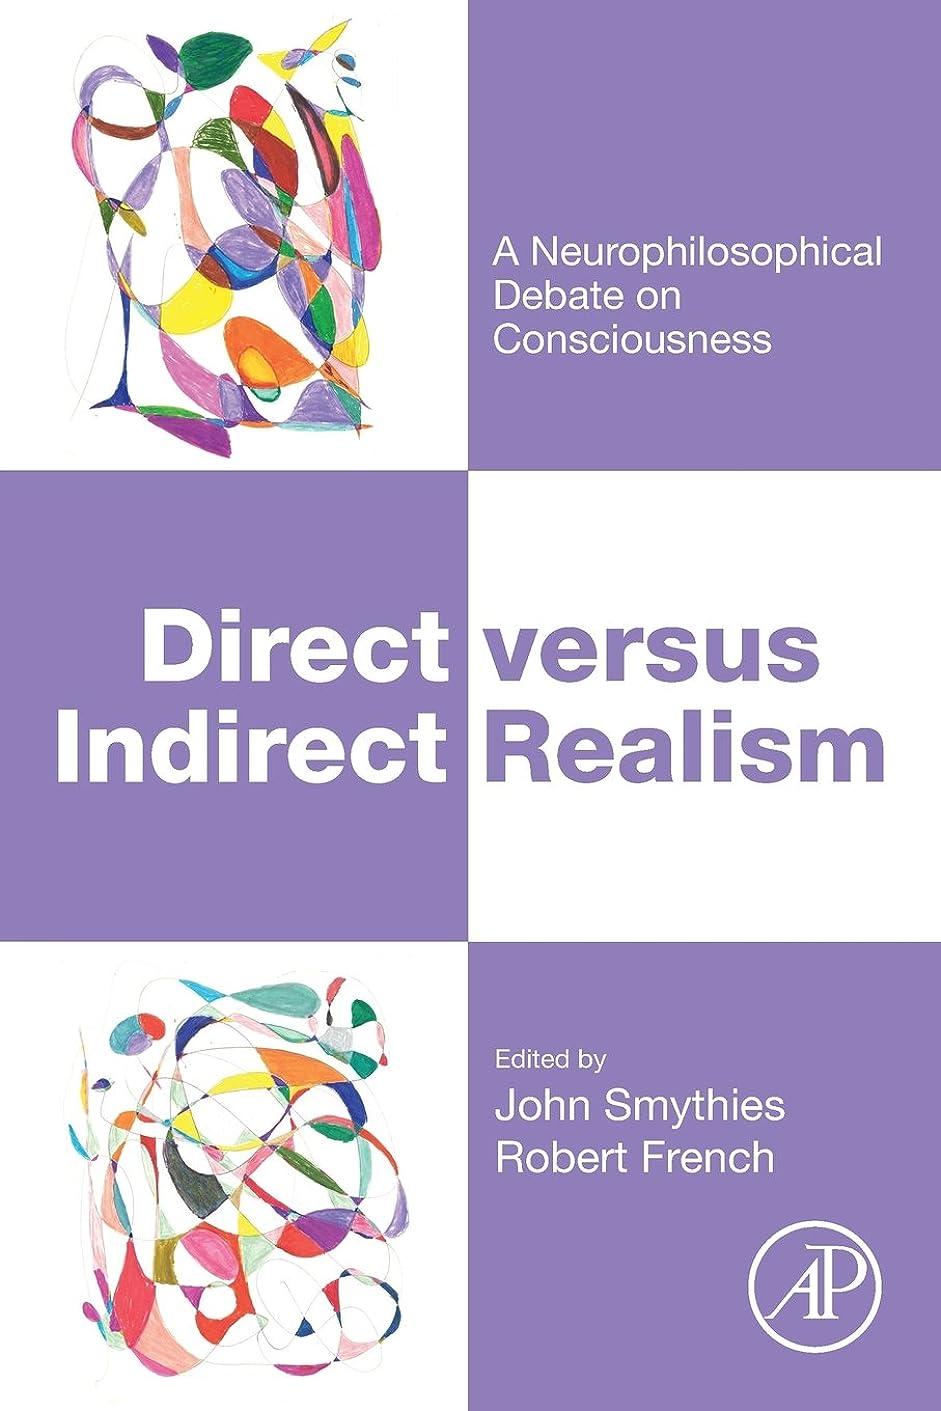 爆発する面積サンダルDirect versus Indirect Realism: A Neurophilosophical Debate on Consciousness